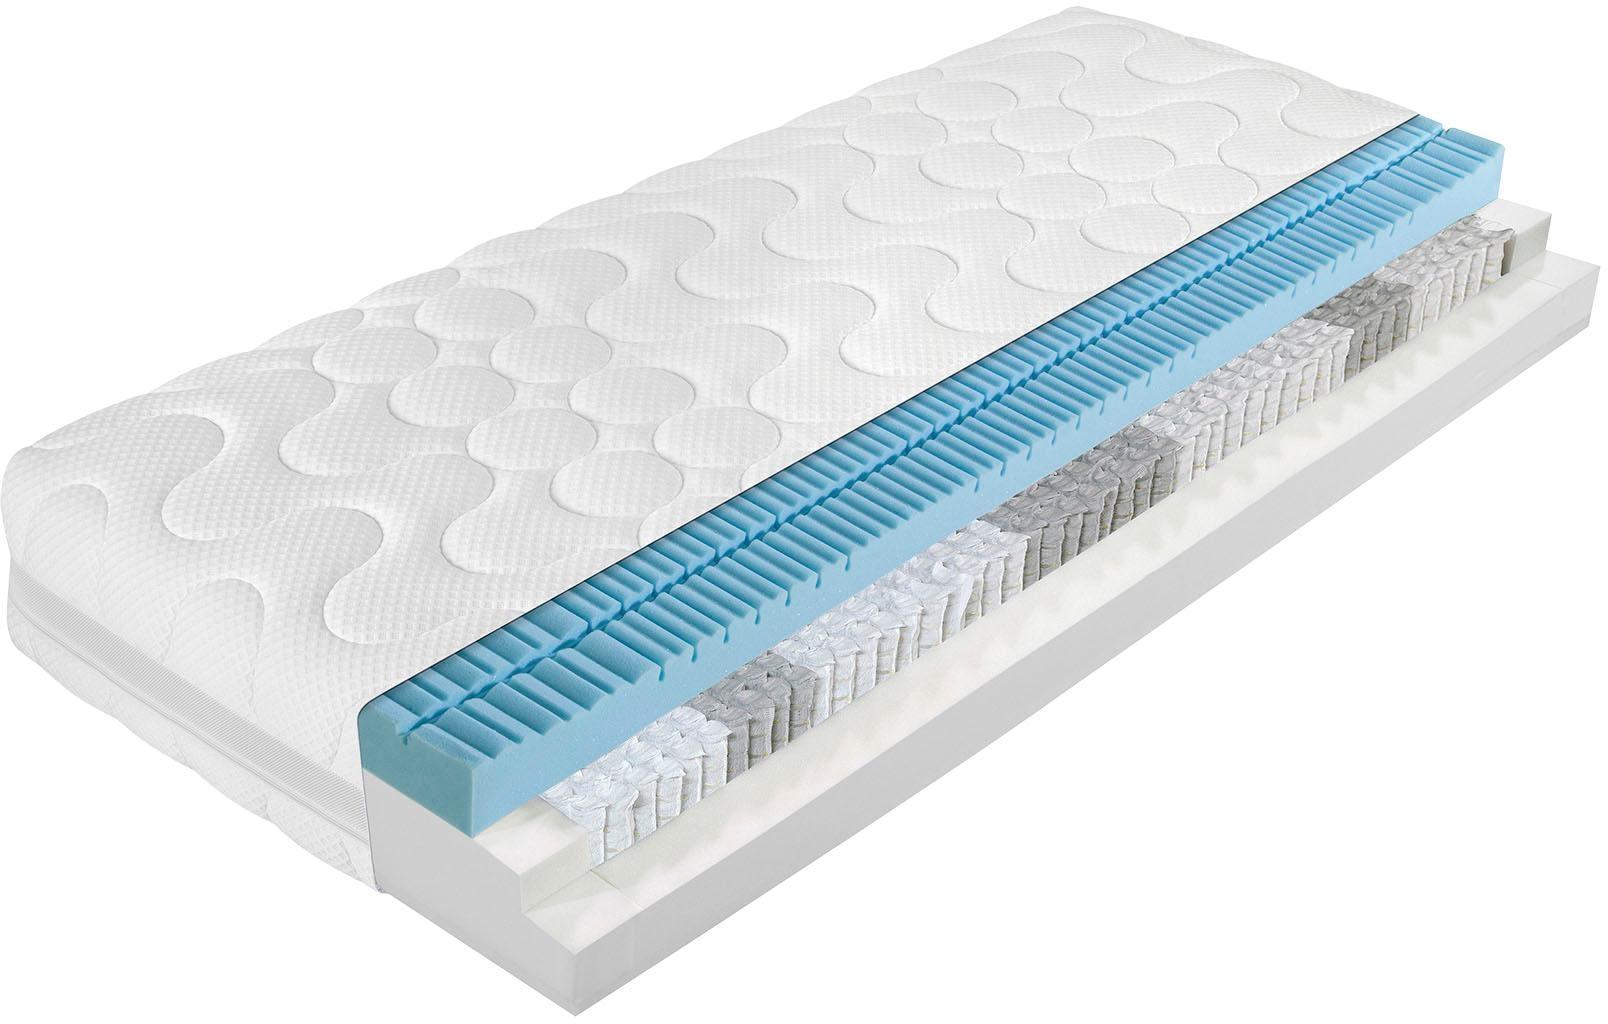 Taschenfederkernmatratze 1000 Air Comfort ADA trendline 25 cm hoch